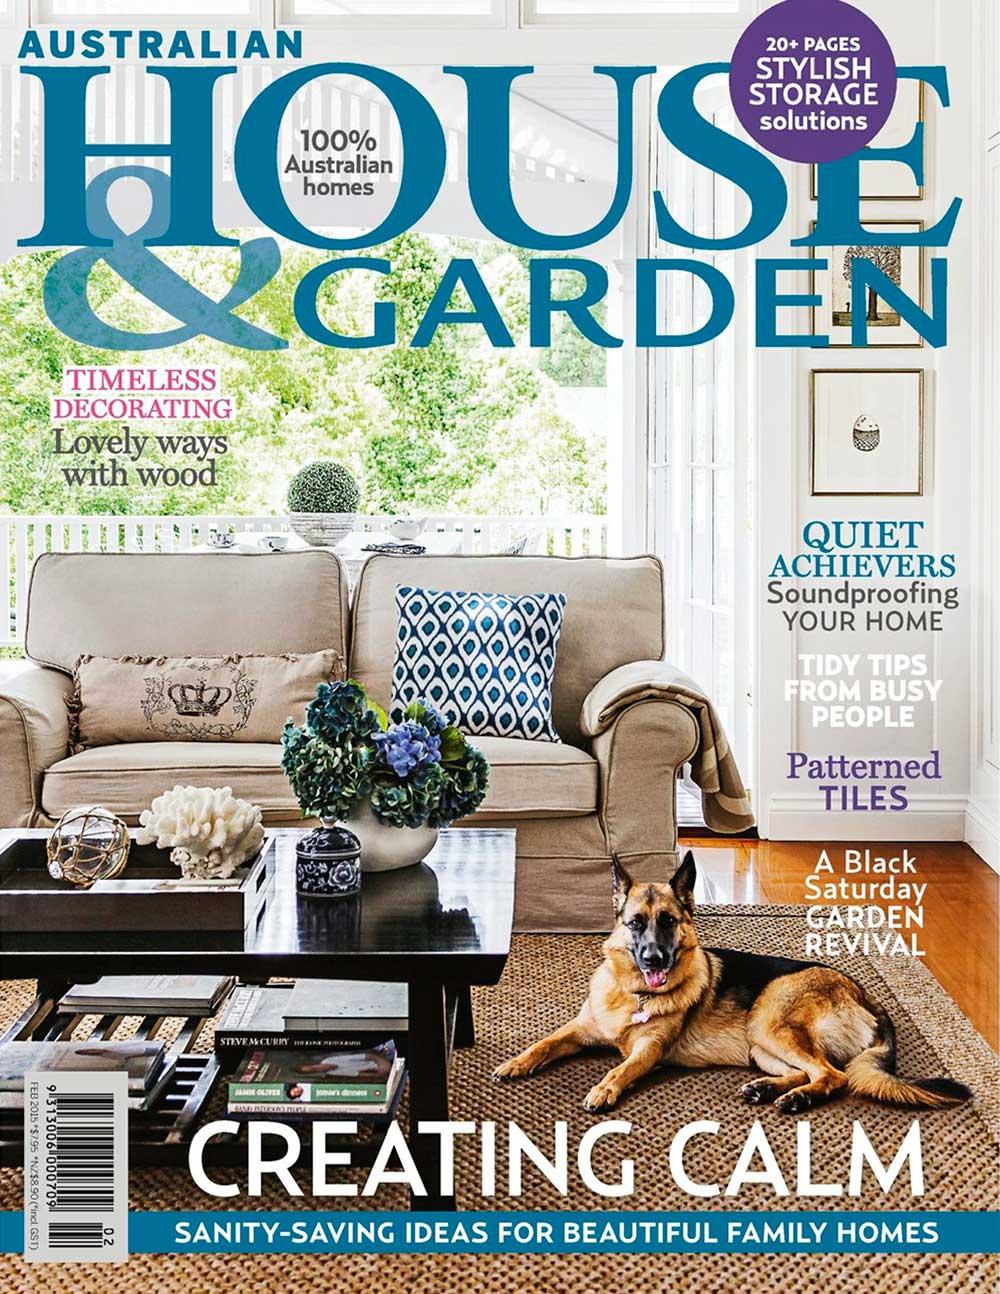 15-02-House-Garden-cover-1.jpg